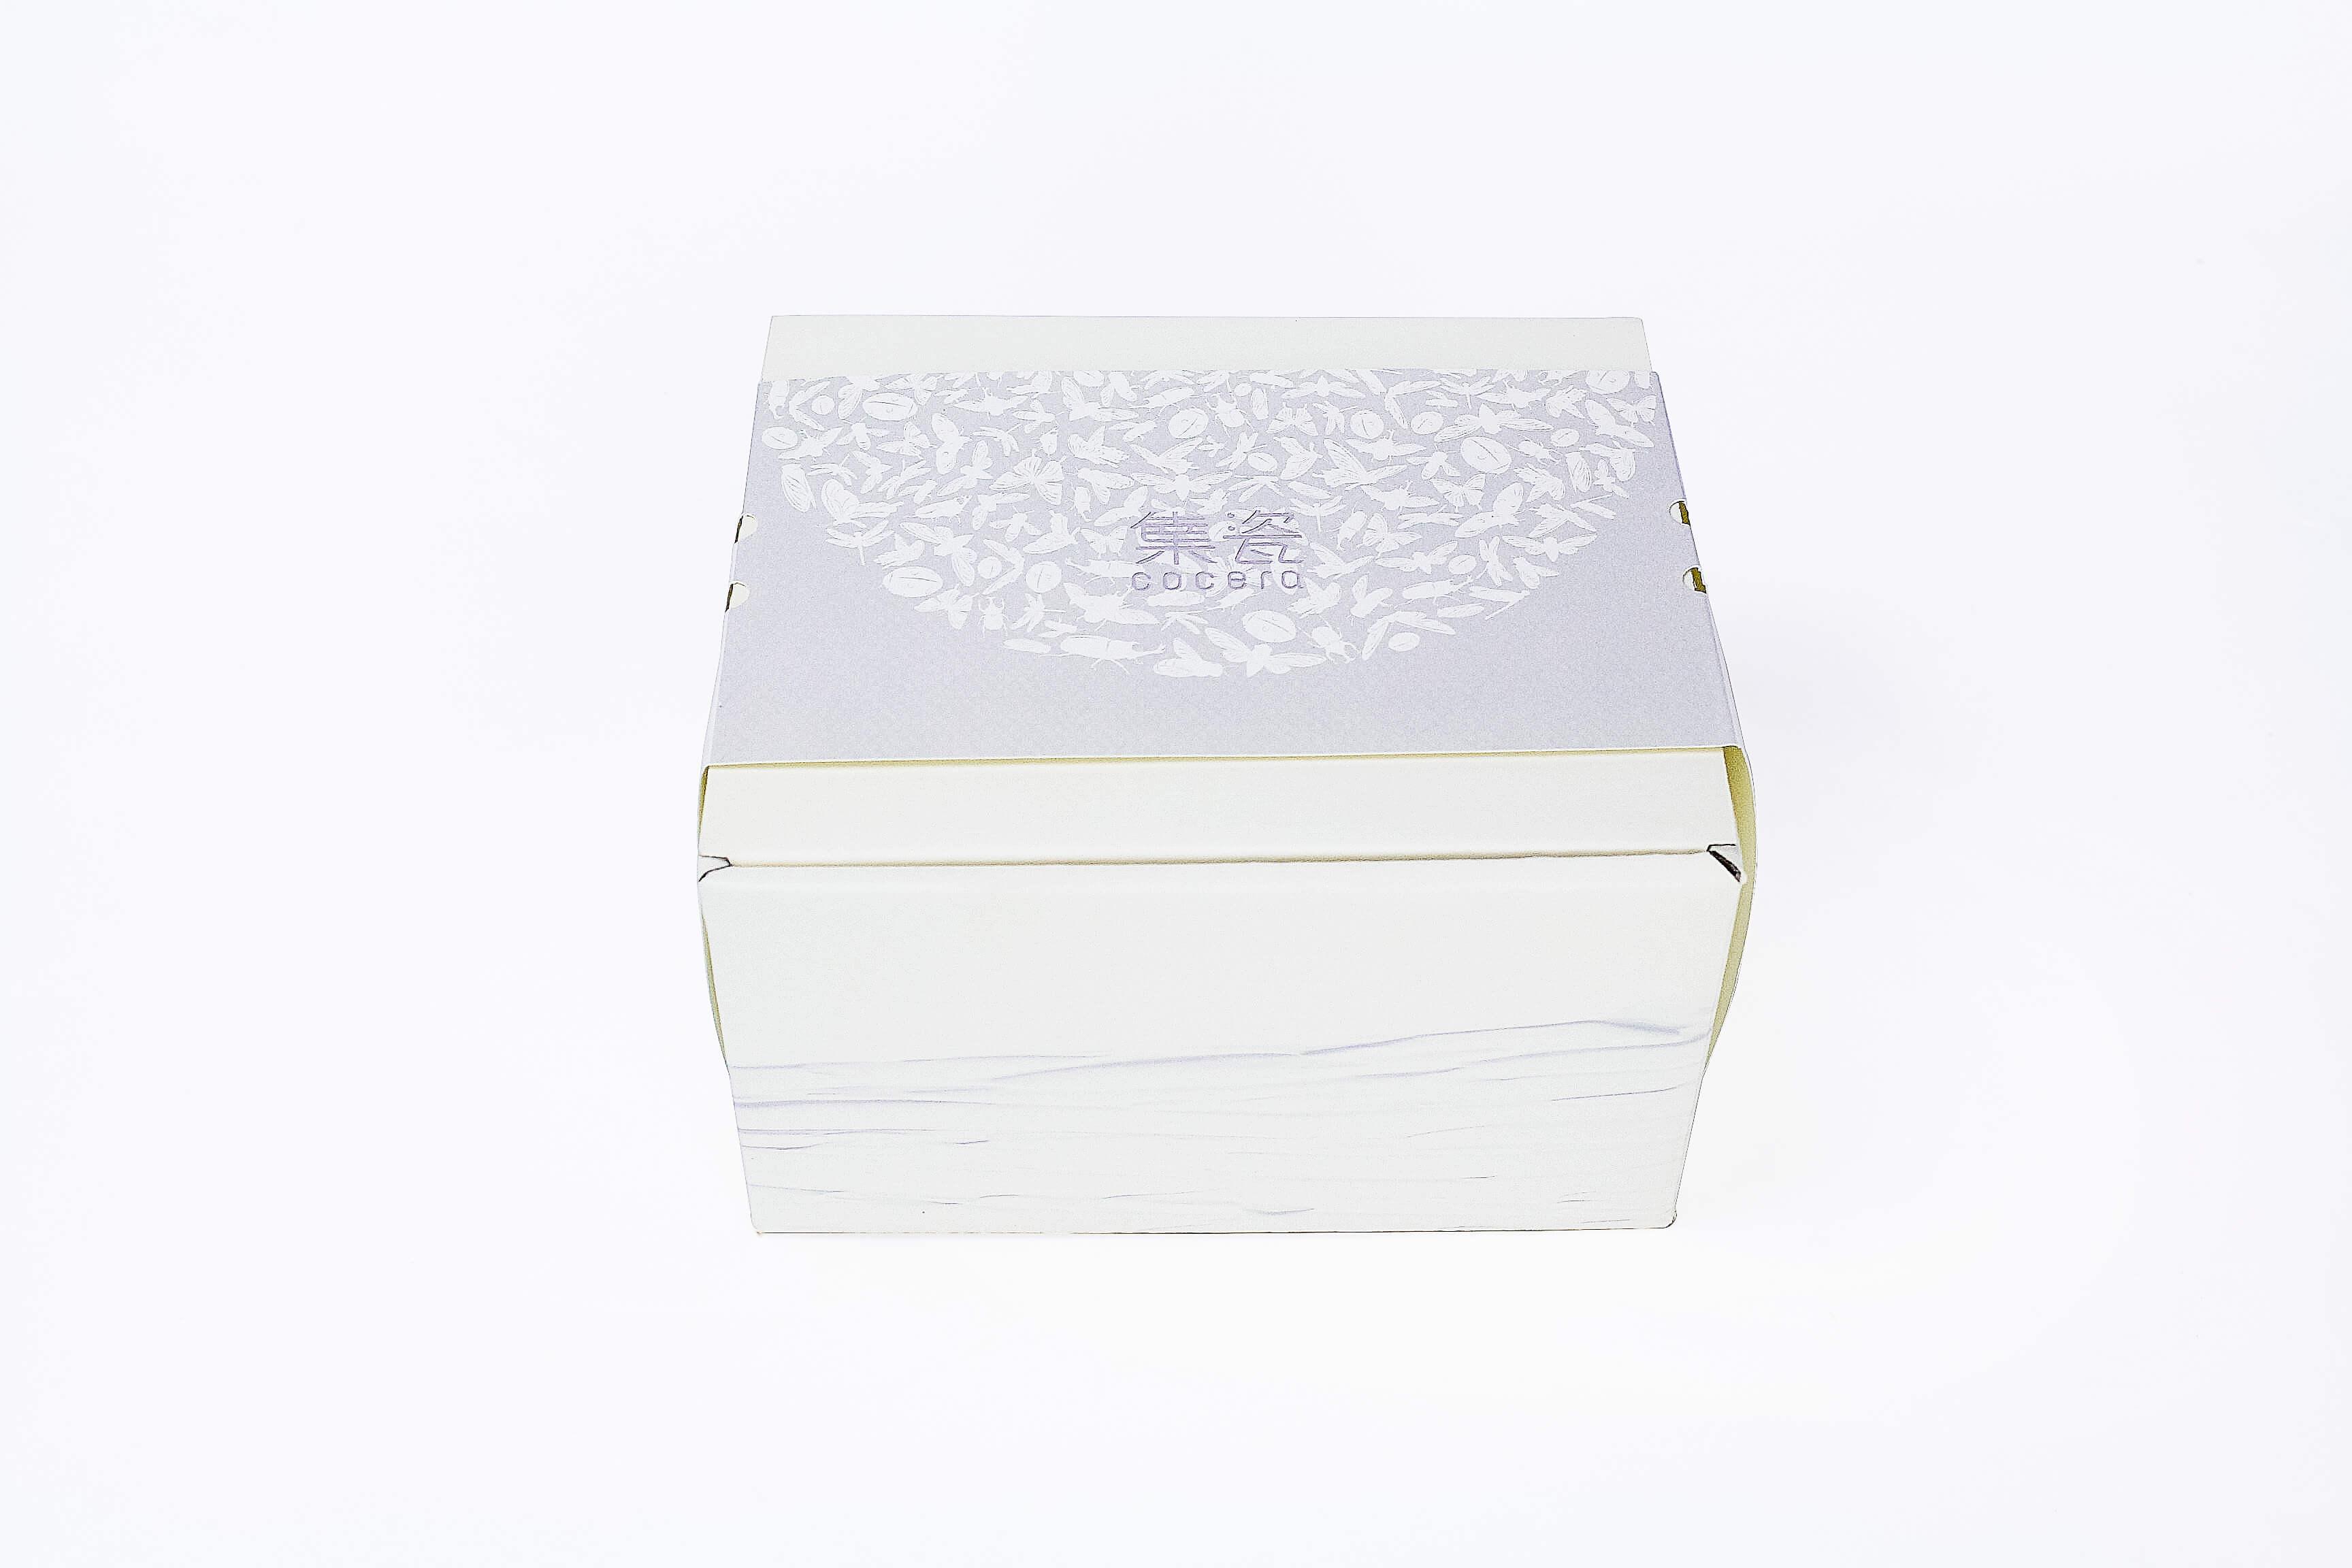 集瓷官網包裝圖-7-1